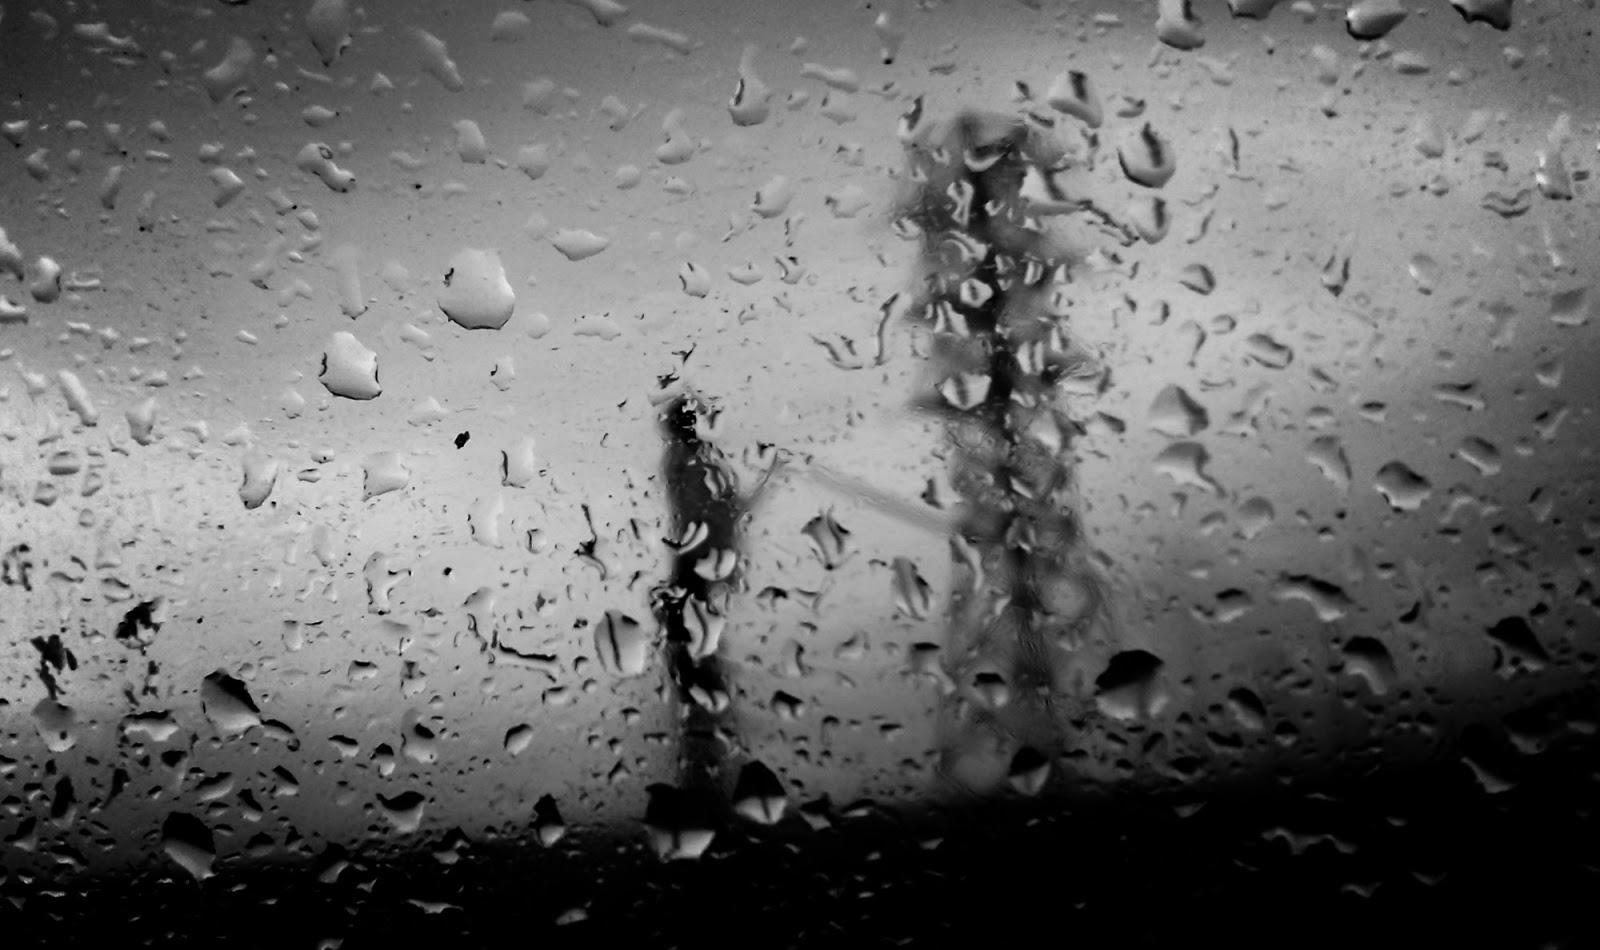 Chụp ảnh dưới trời mưa giúp bức hình của bạn thêm phần lãng mạn và độc đáo hơn, chụp ảnh dưới mưa không nhất thiết phải chụp trong lúc mưa, ...